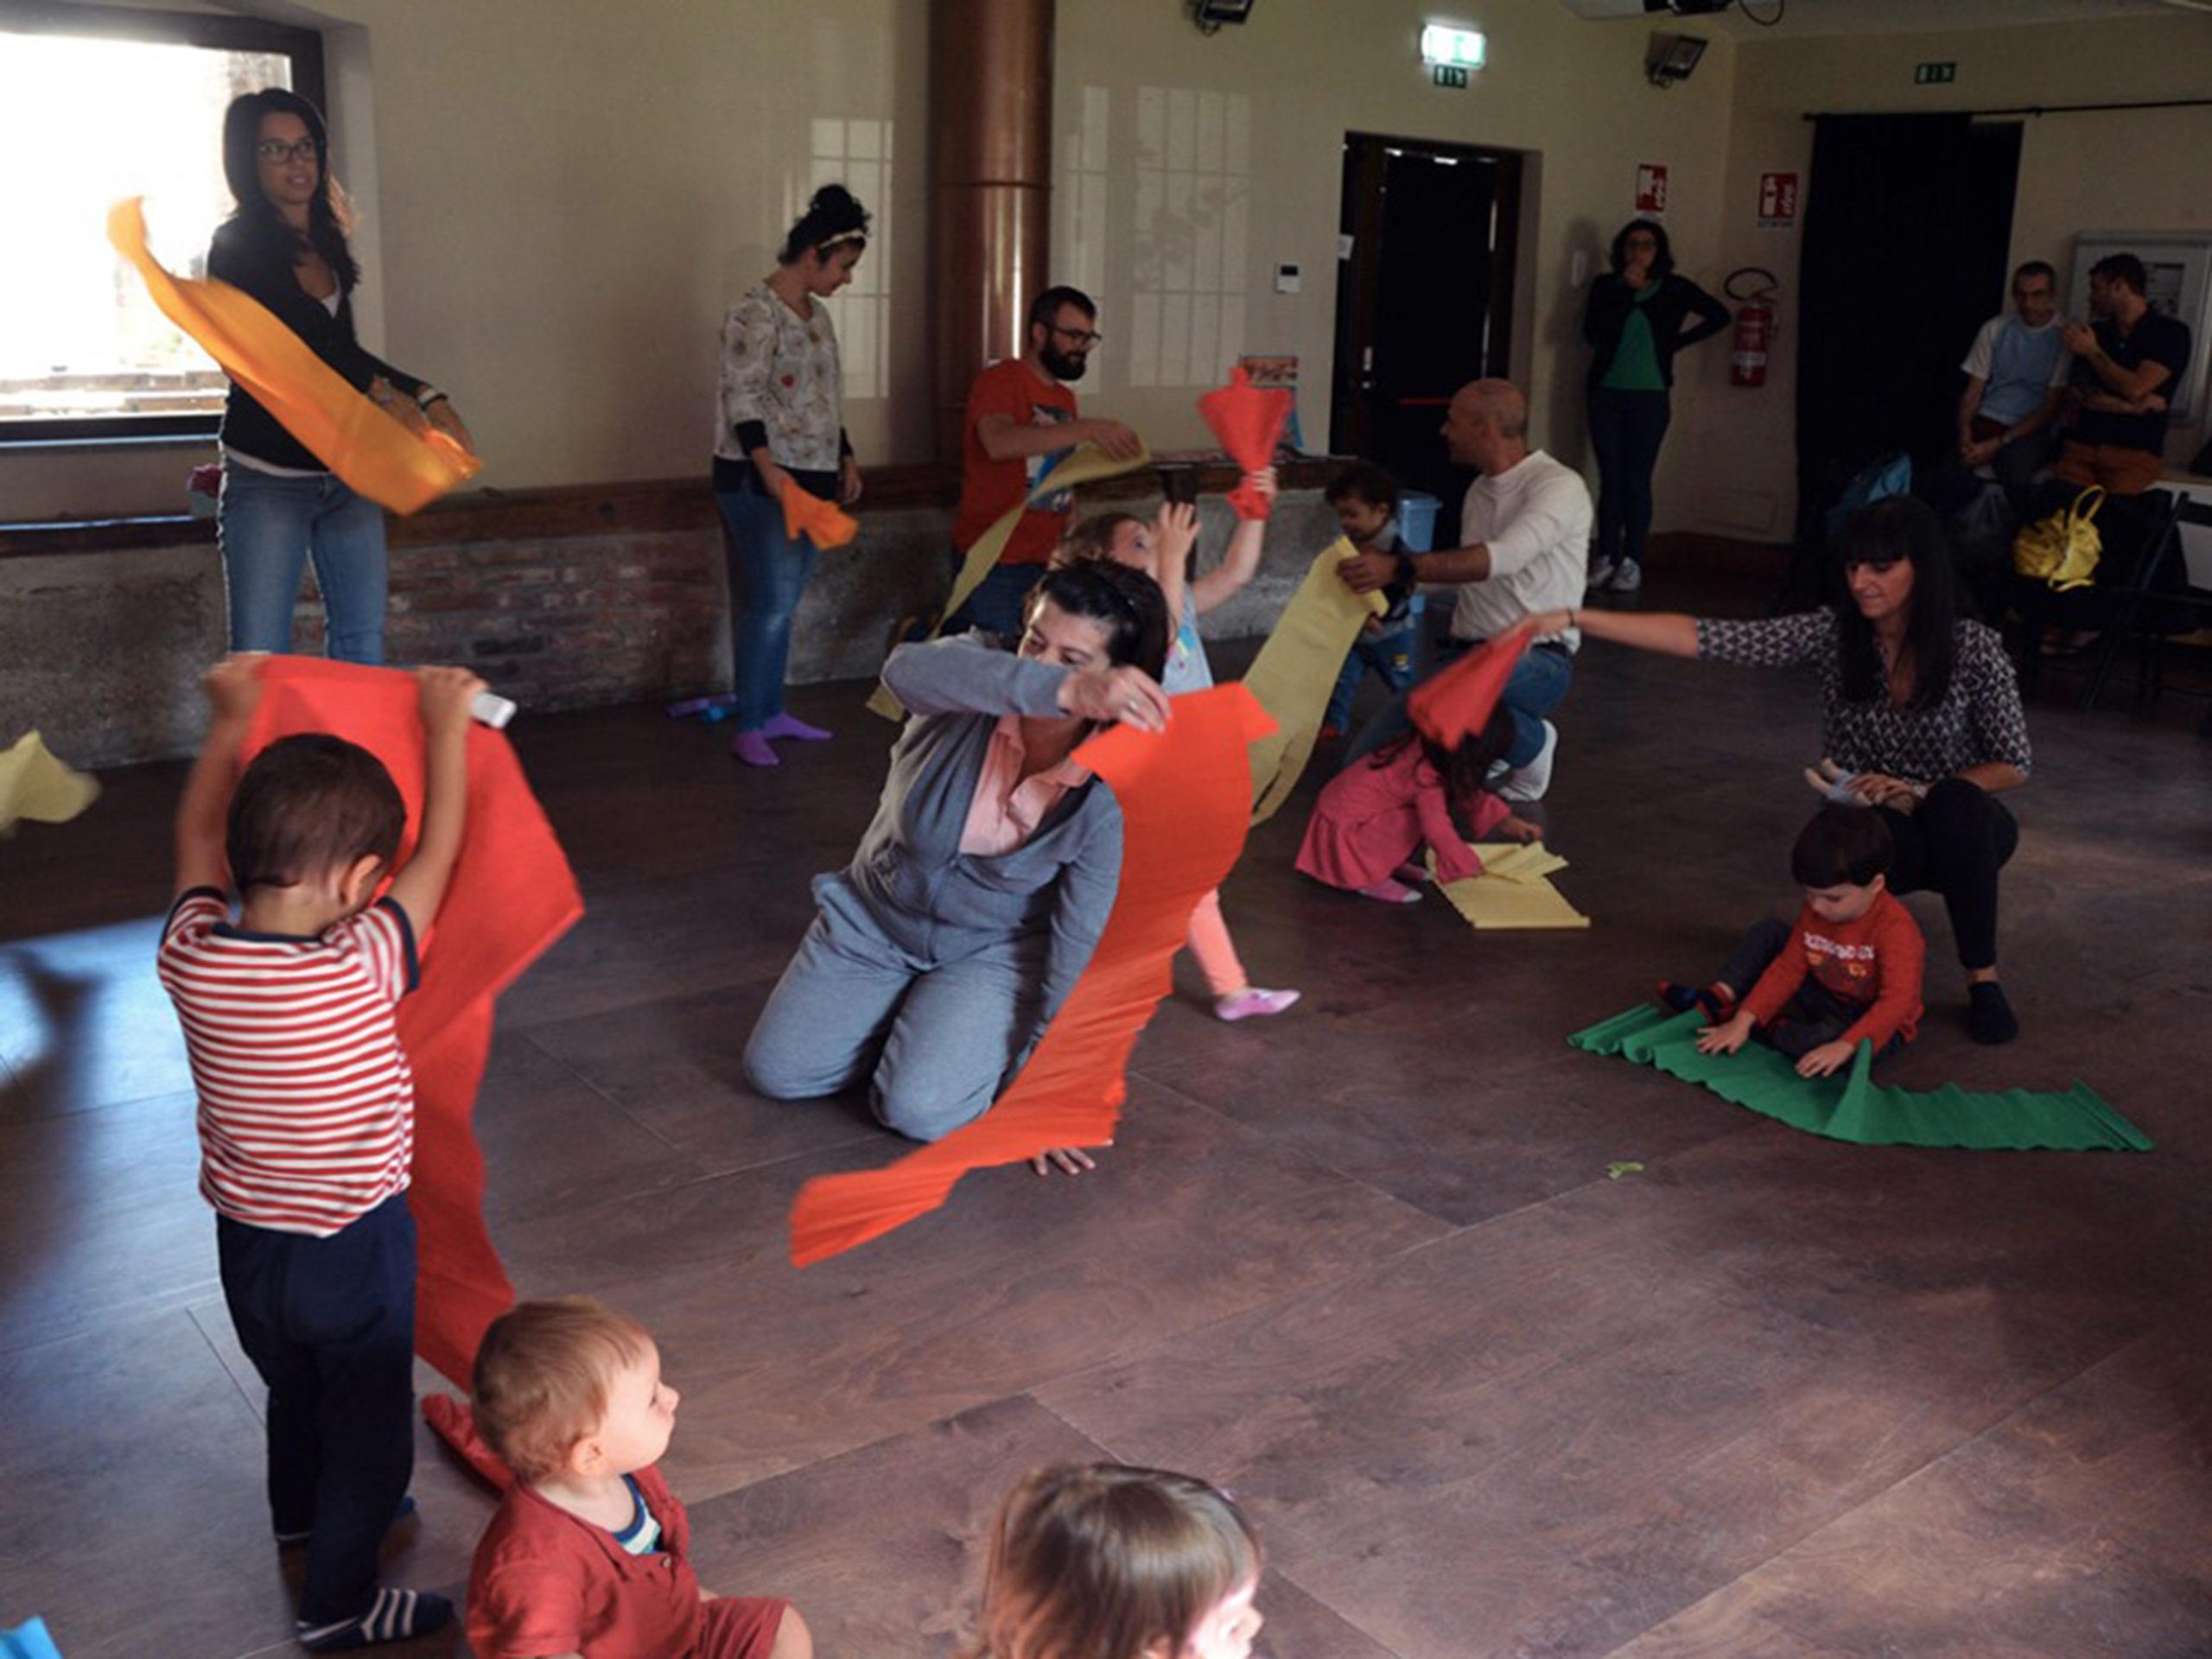 Danzando con la mia tribù: laboratorio di danza per famiglie